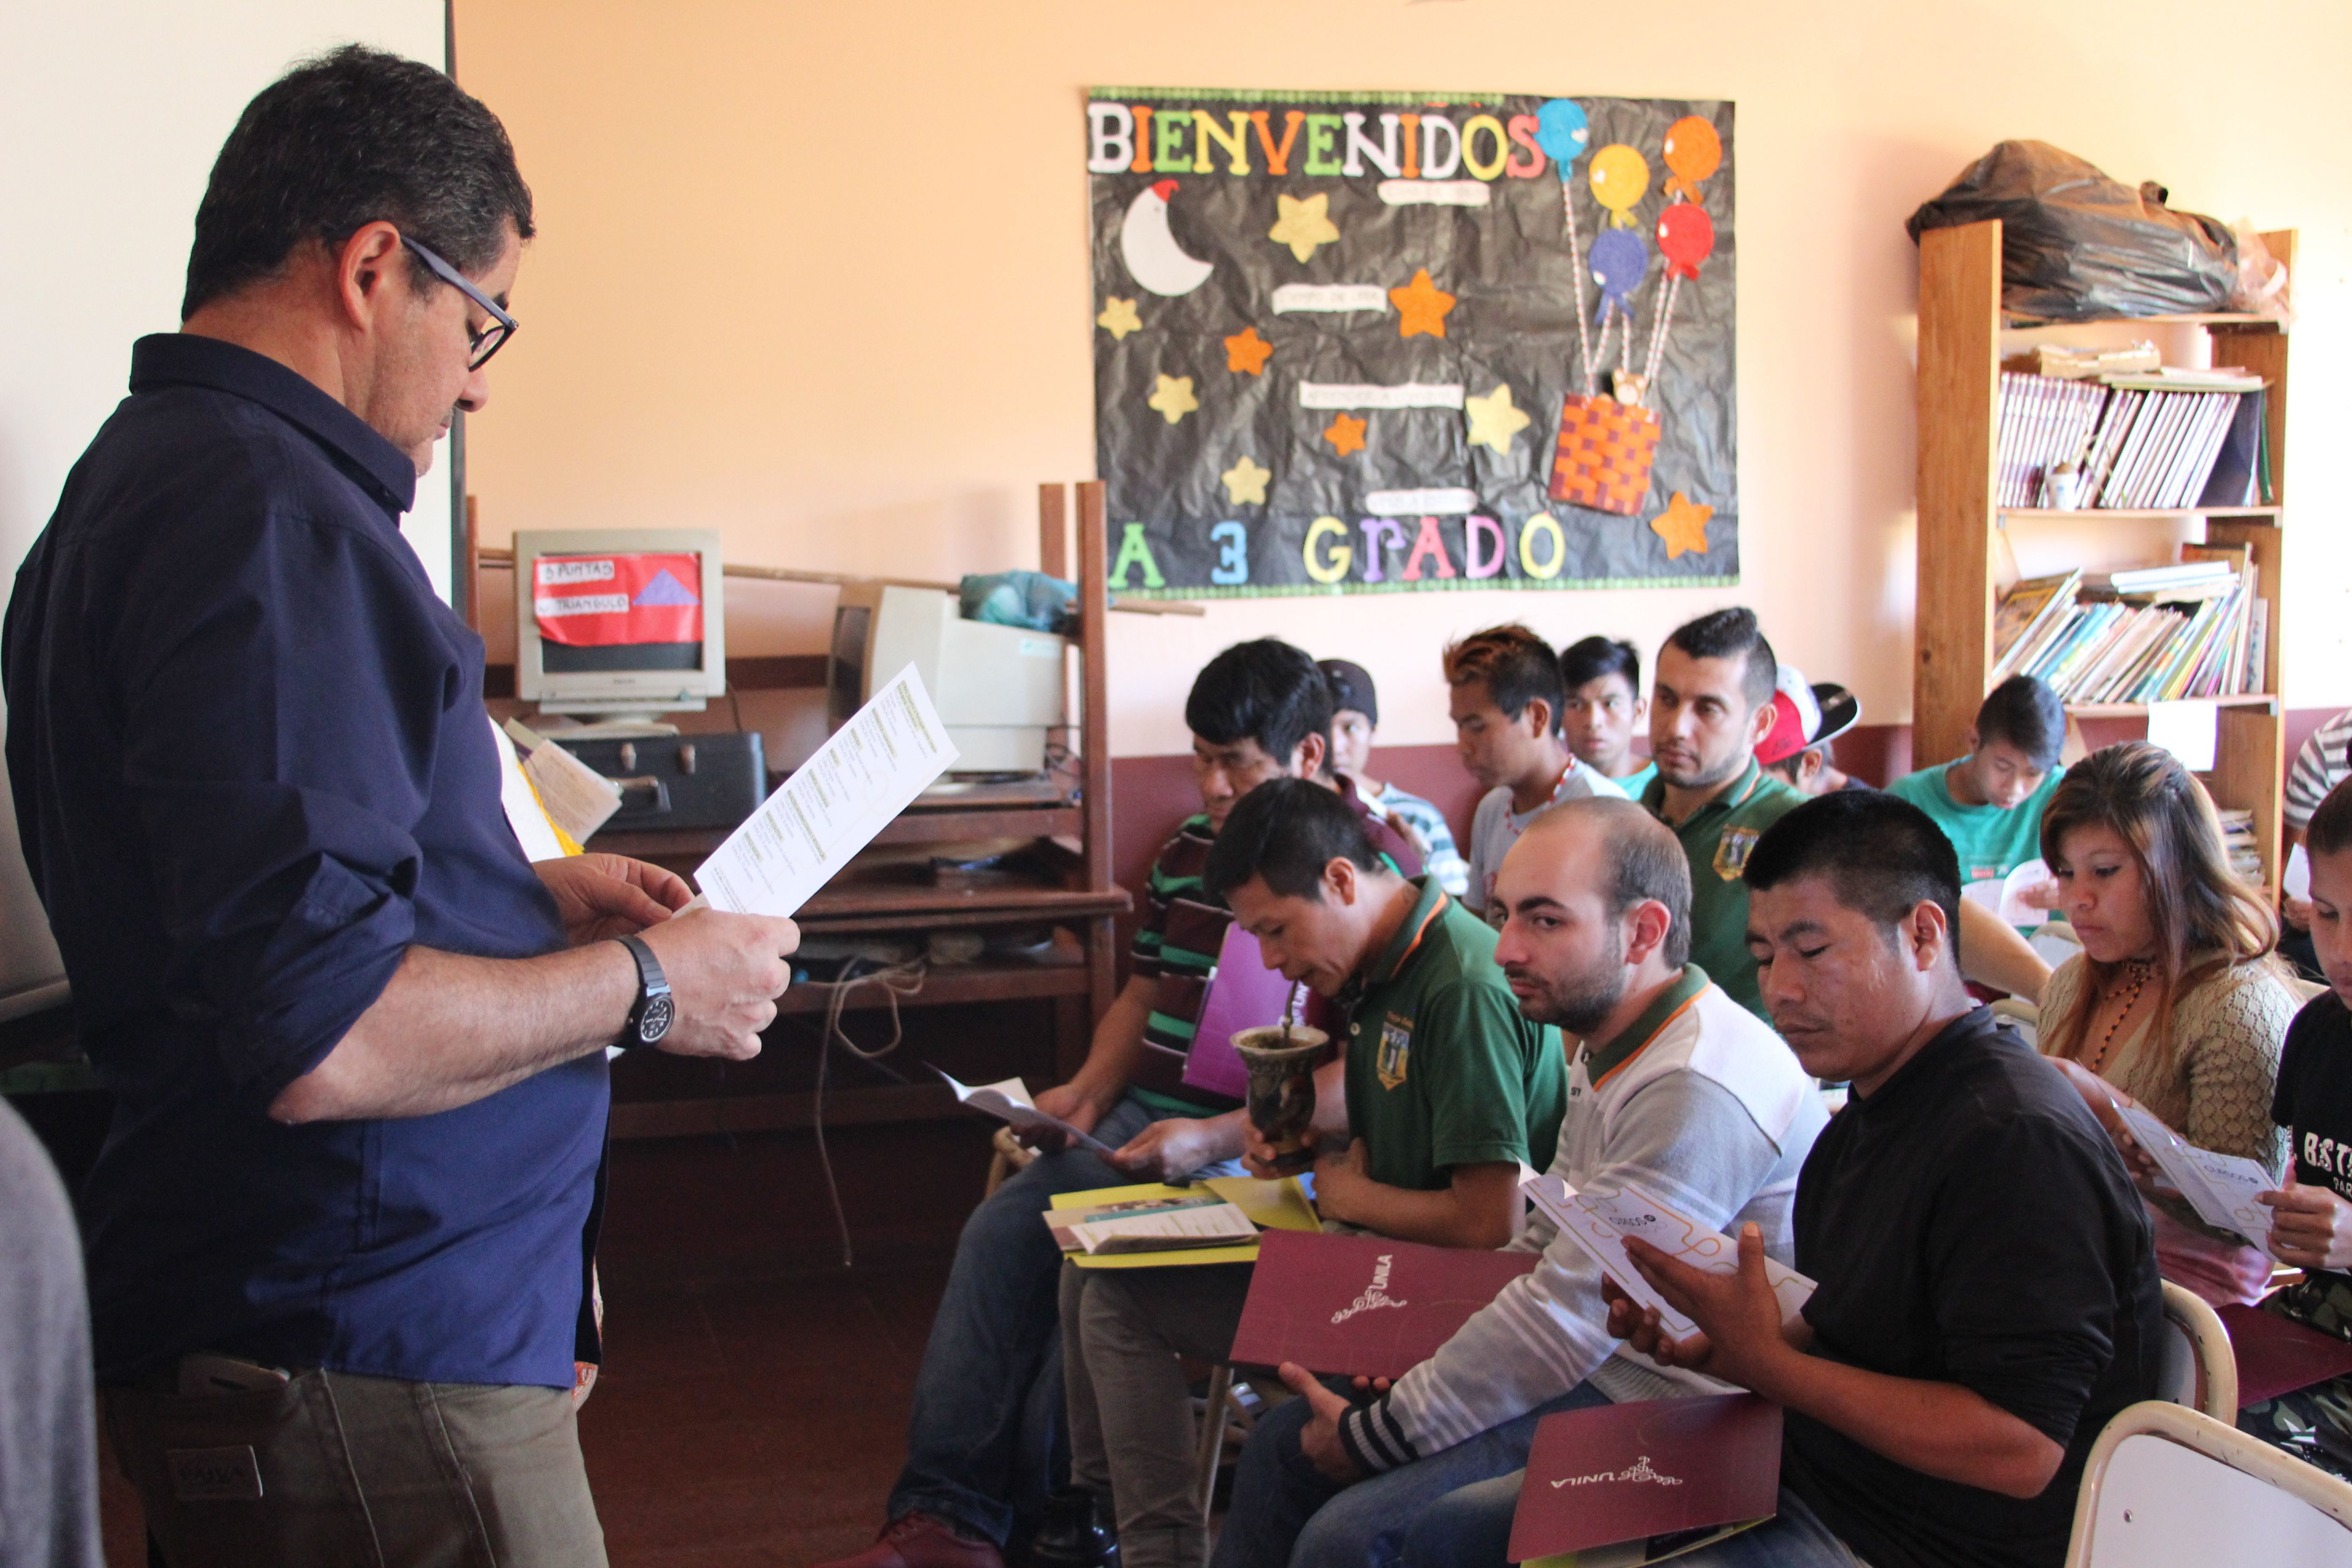 Foto do professor Mario Ramao e alunos, em sala de aula na Escola Intercultural Bilíngue Tekoa Yryapu - localizada na aldeia guarani Yryapu, em Puerto Iguazú